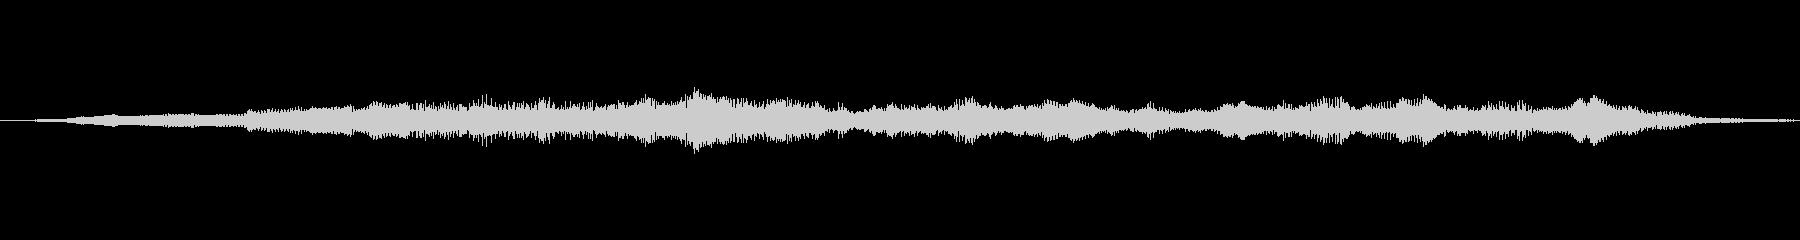 ビルボード:シンフォニックドラマ、...の未再生の波形